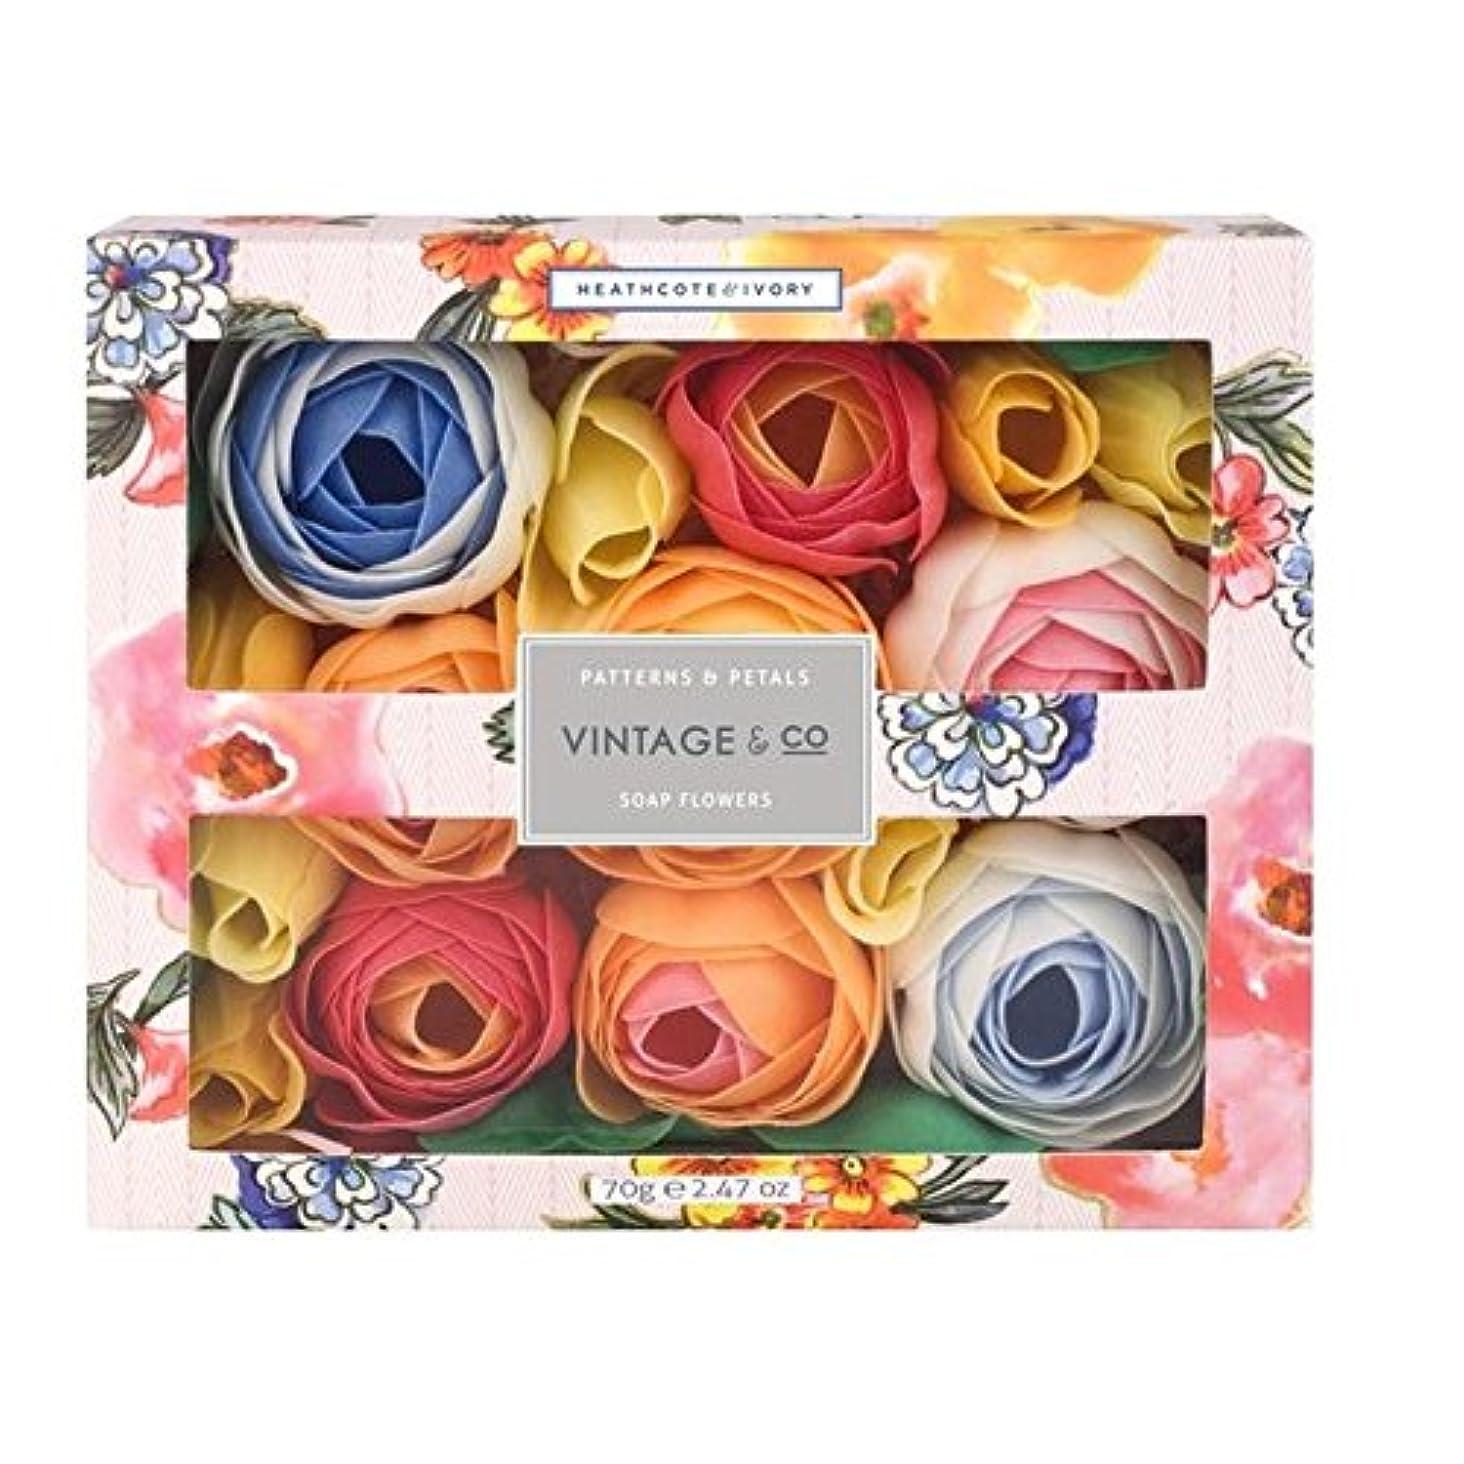 燃やすアルカトラズ島間違っているHeathcote & Ivory Patterns & Petals Soap Flowers 70g (Pack of 6) - ヒースコート&アイボリーパターン&花びら石鹸の花70グラム x6 [並行輸入品]